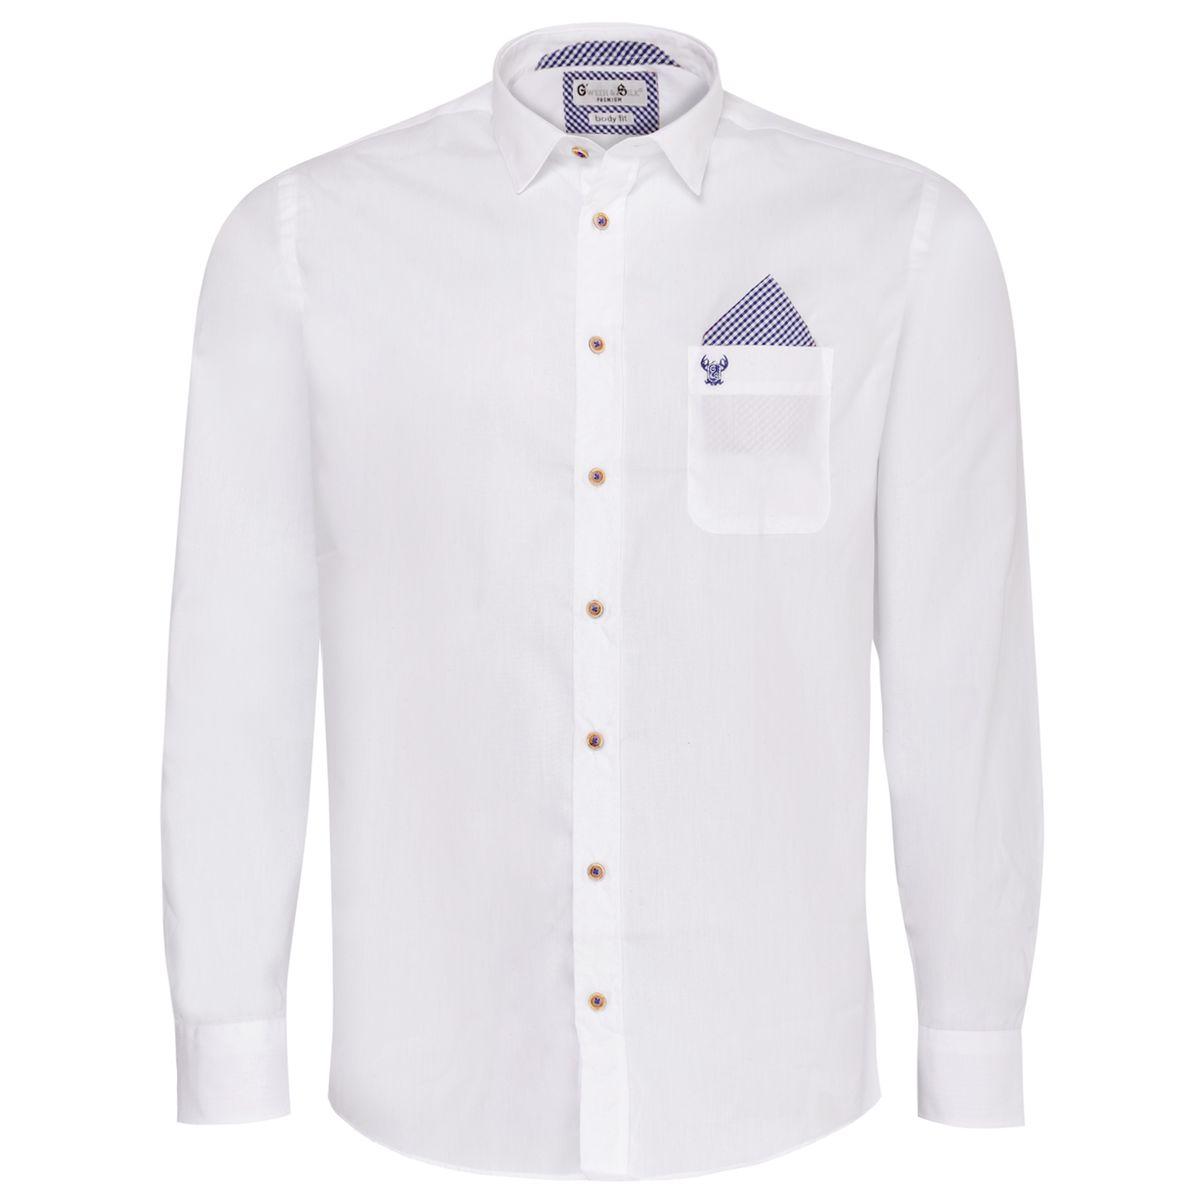 Trachtenhemd Body Fit Flori zweifarbig in Weiß und Blau von Gweih und Silk